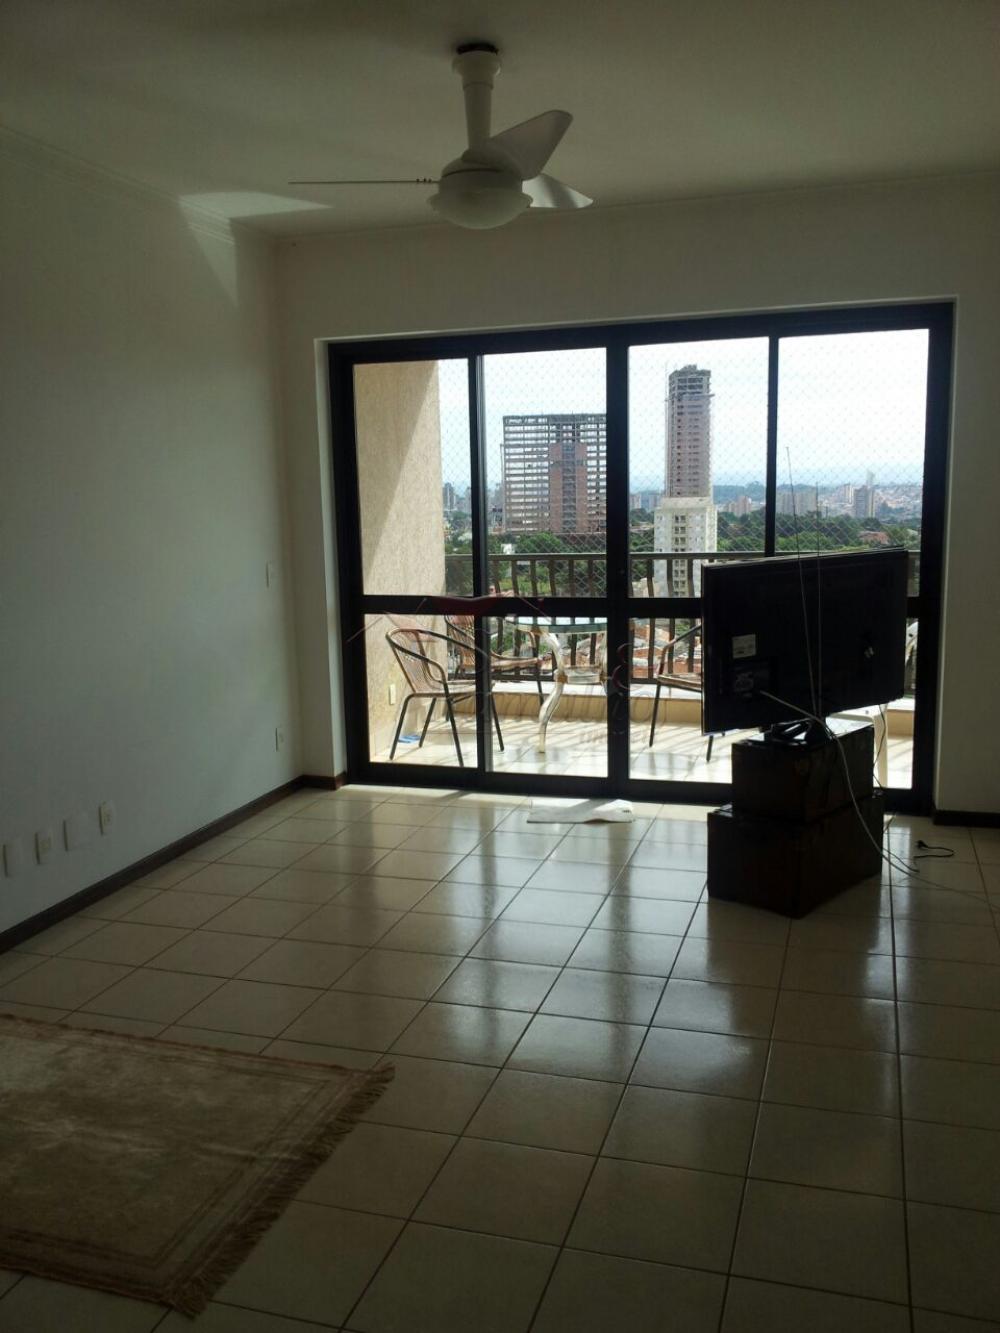 Comprar Apartamentos / Padrão em Ribeirão Preto apenas R$ 638.000,00 - Foto 4